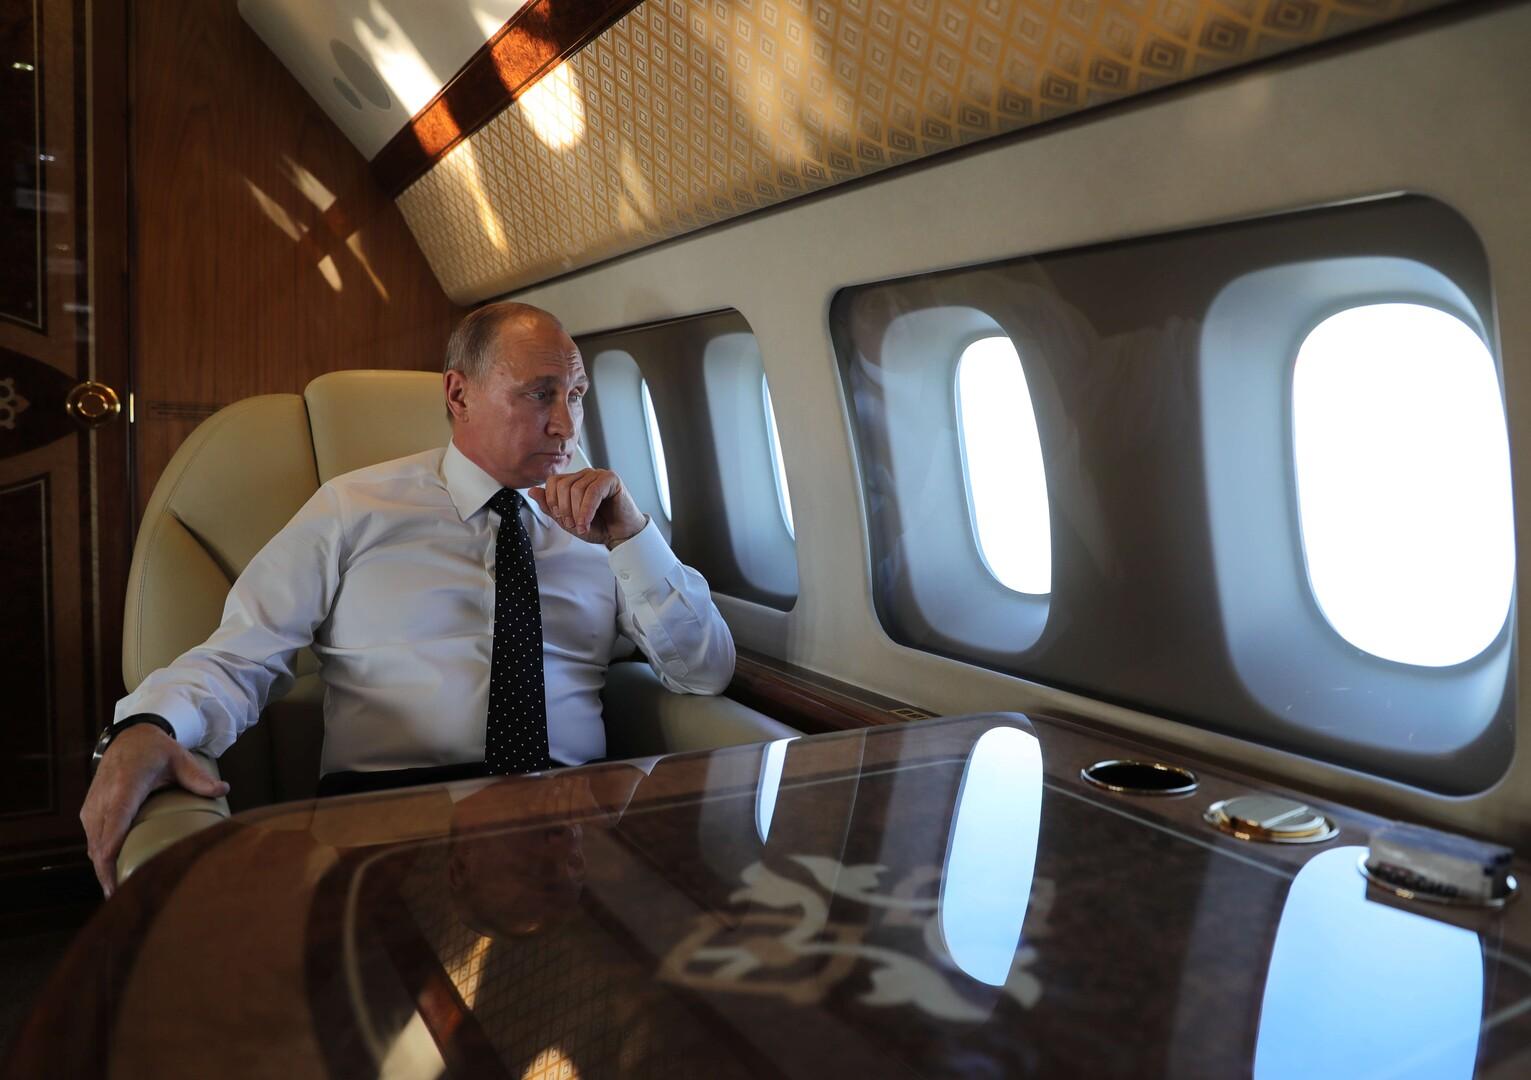 الطيار السابق للرئيس الروسي يكشف عن حادث خطير حصل خلال رحلة لبوتين